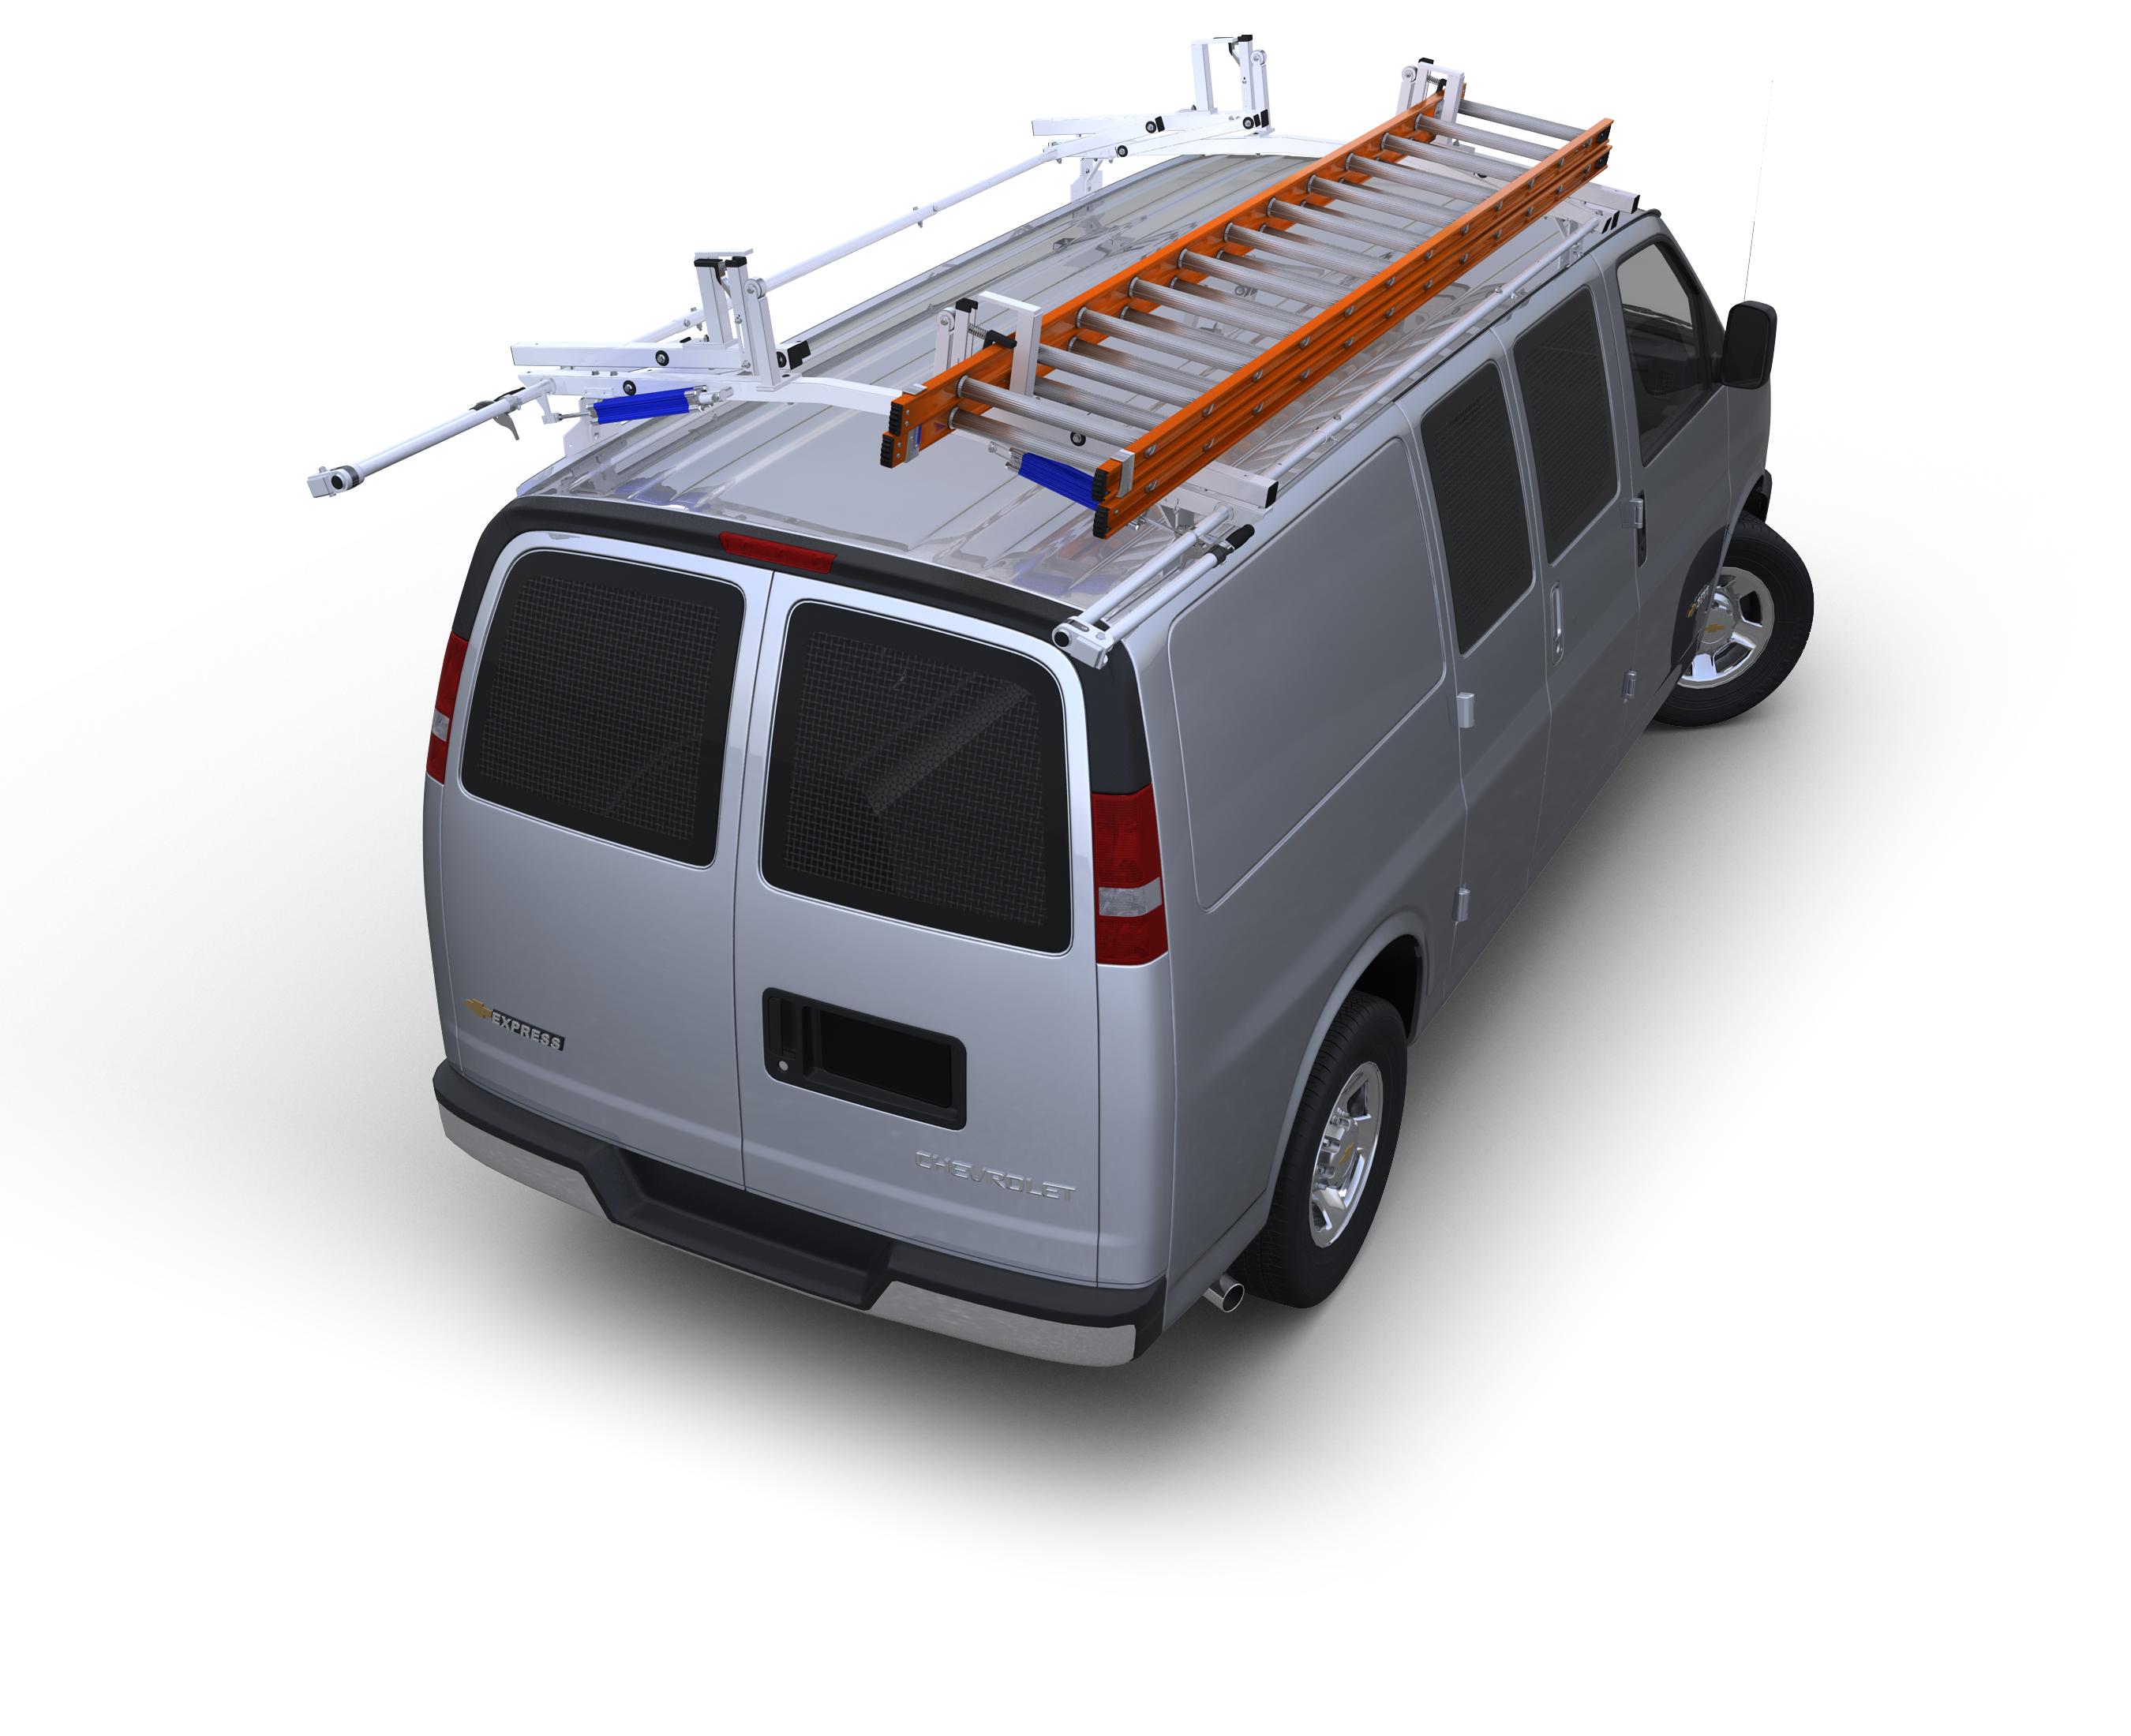 Chevy/GMC Expre-gmc-155-_950_